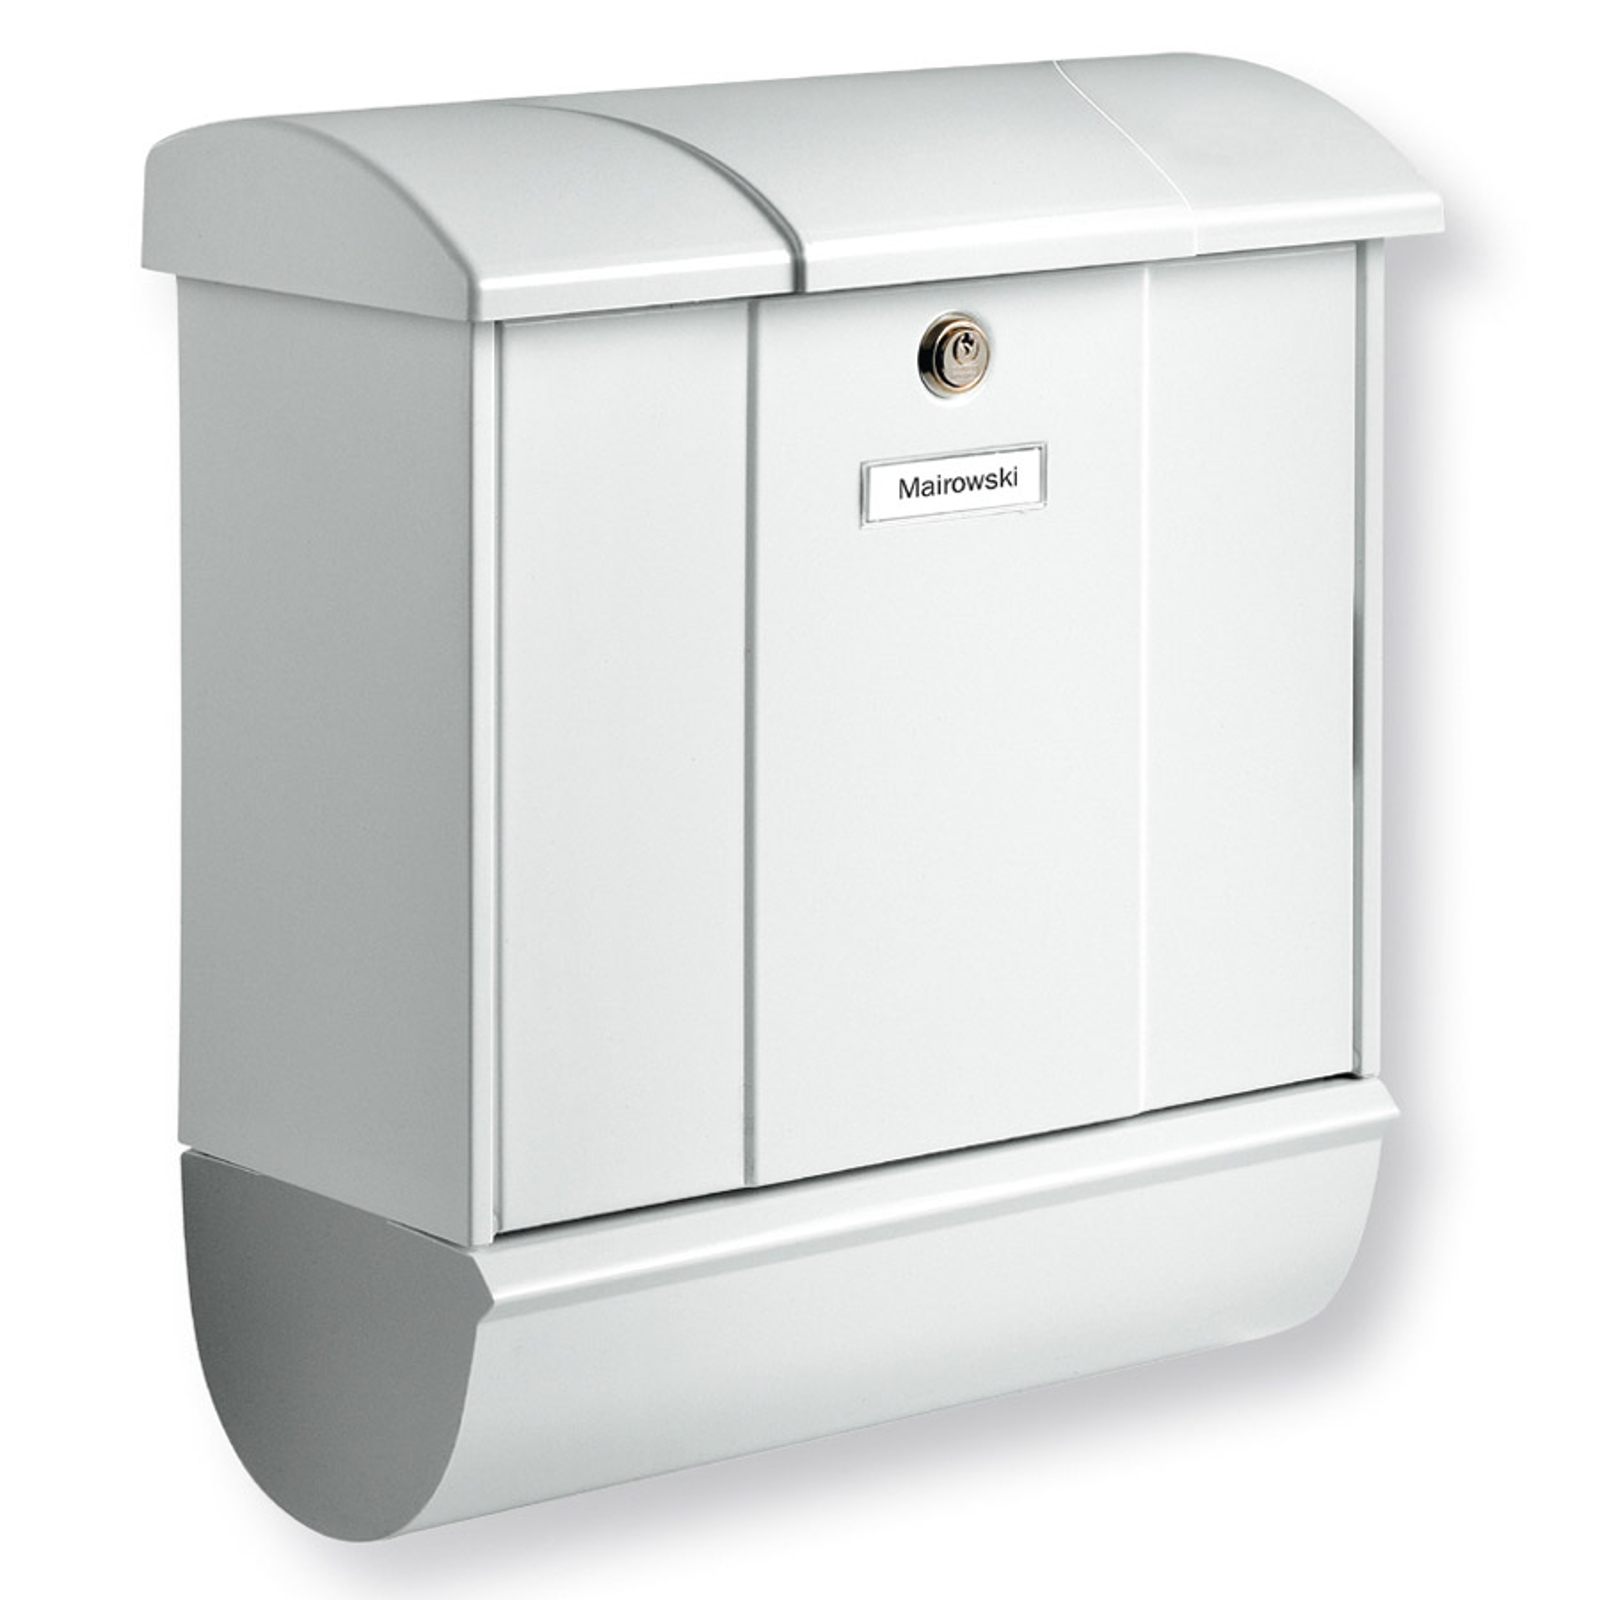 Olymp-postilaatikko sanomalehtilokerolla valkoinen